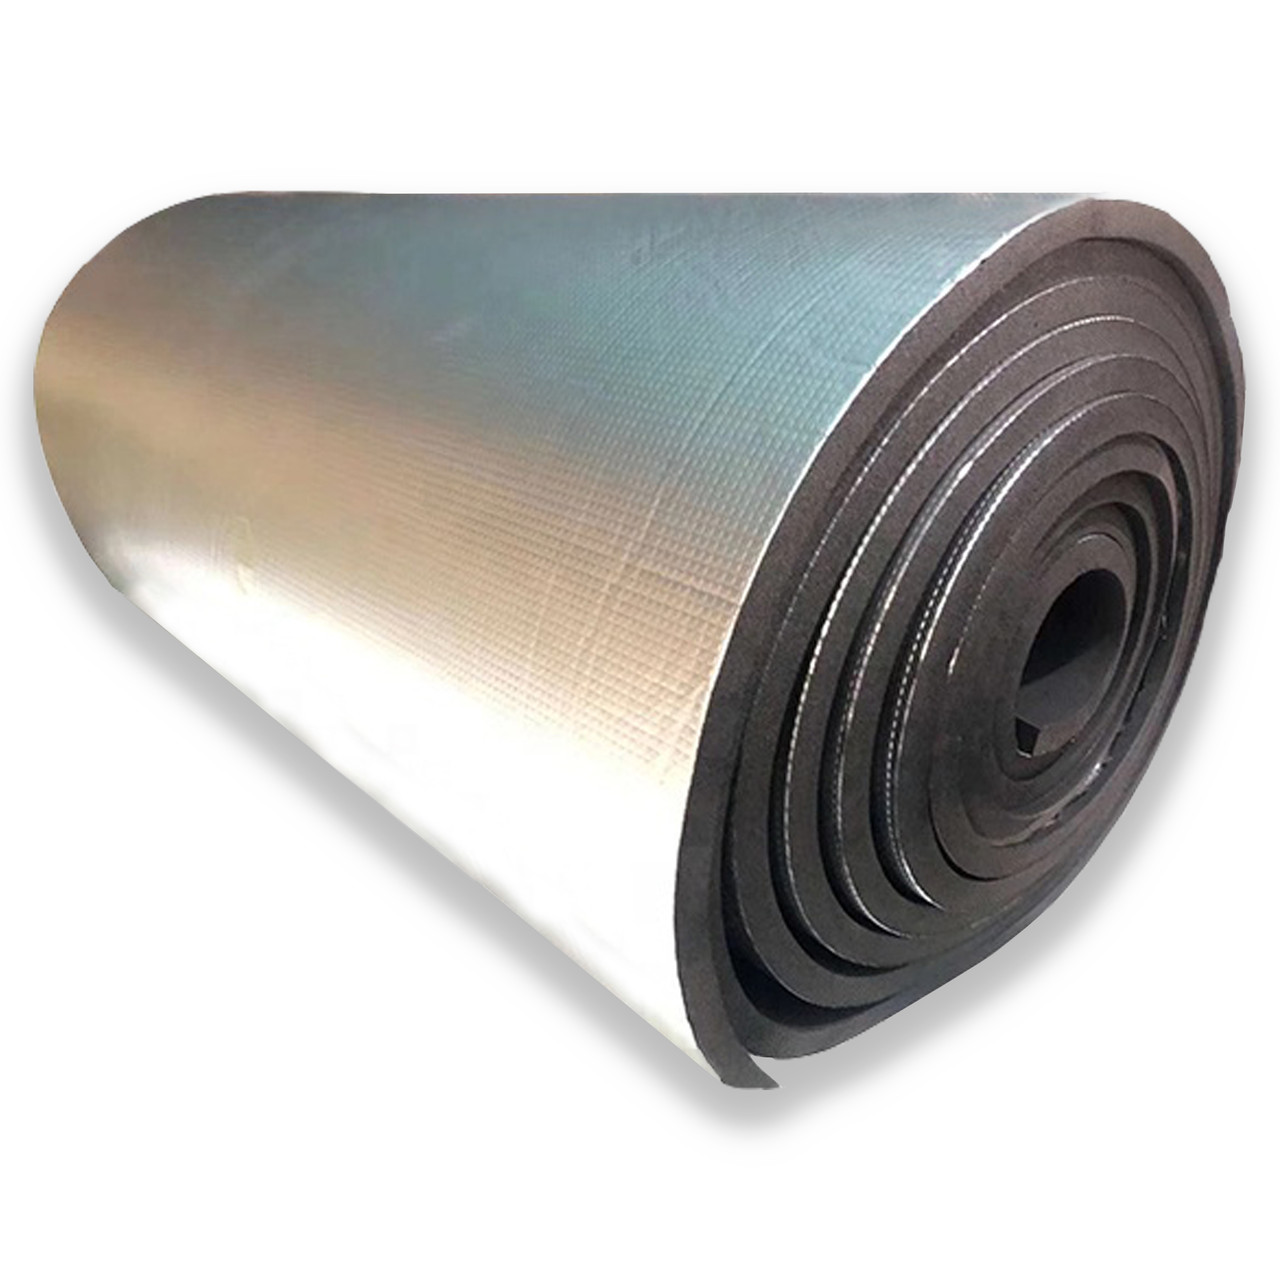 Вспененный каучук 13 мм фольгированный (утеплитель, шумоизоляция)